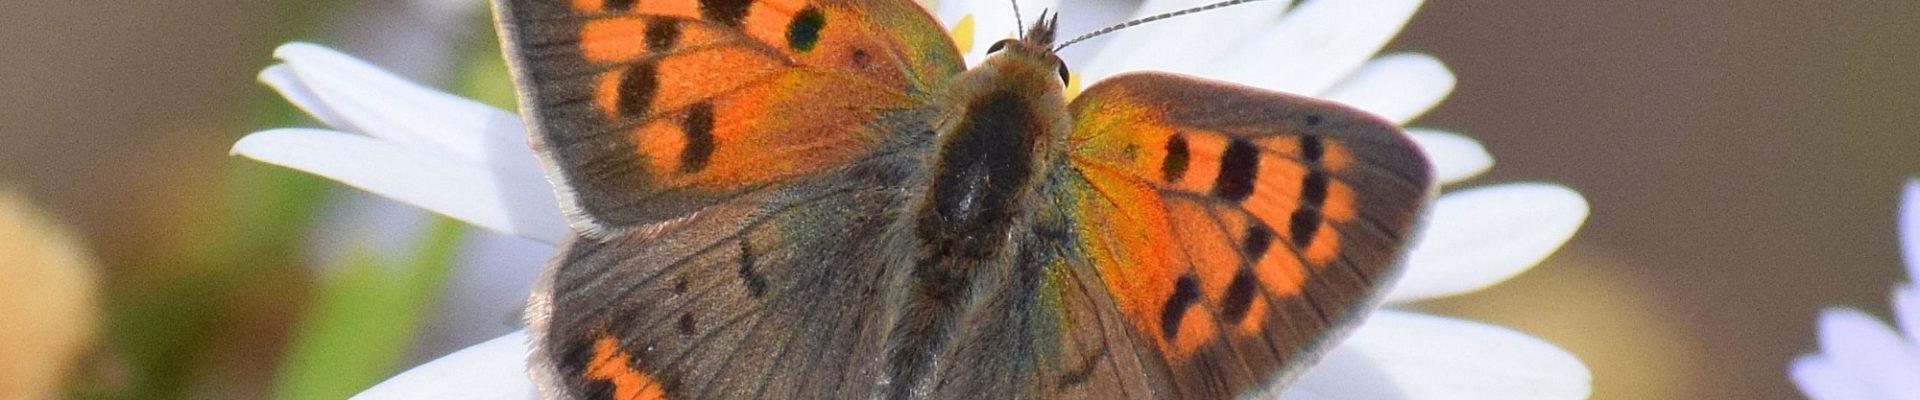 Nieuws achteruitgang vlinders NL